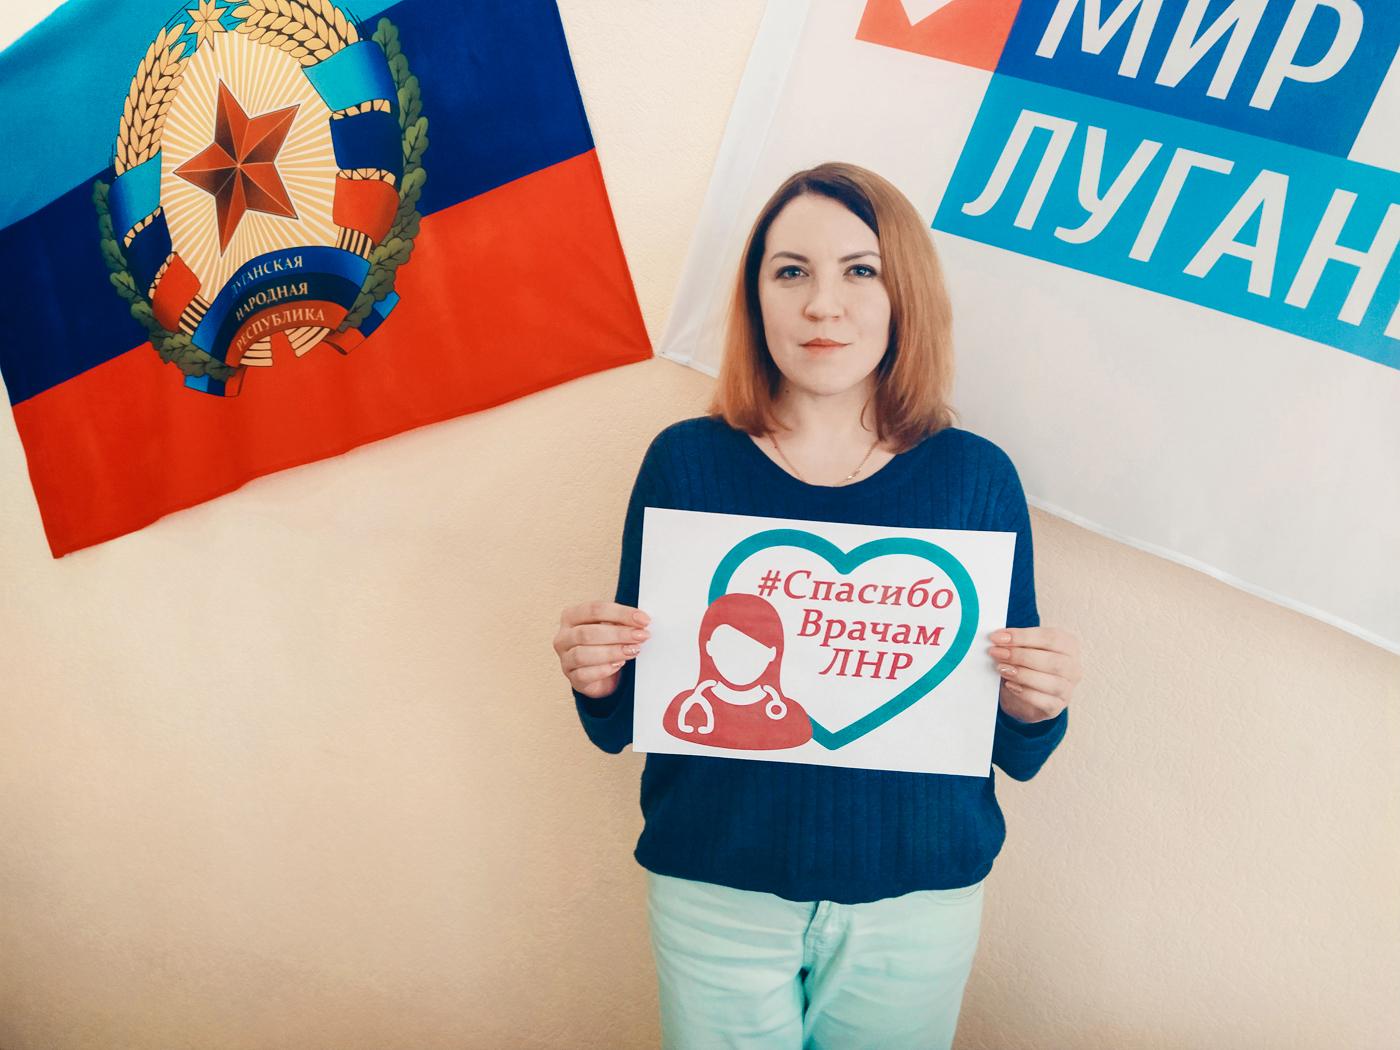 Молодёжь Славяносербского района присоединилась к акции #СпасибоВрачамЛНР 1